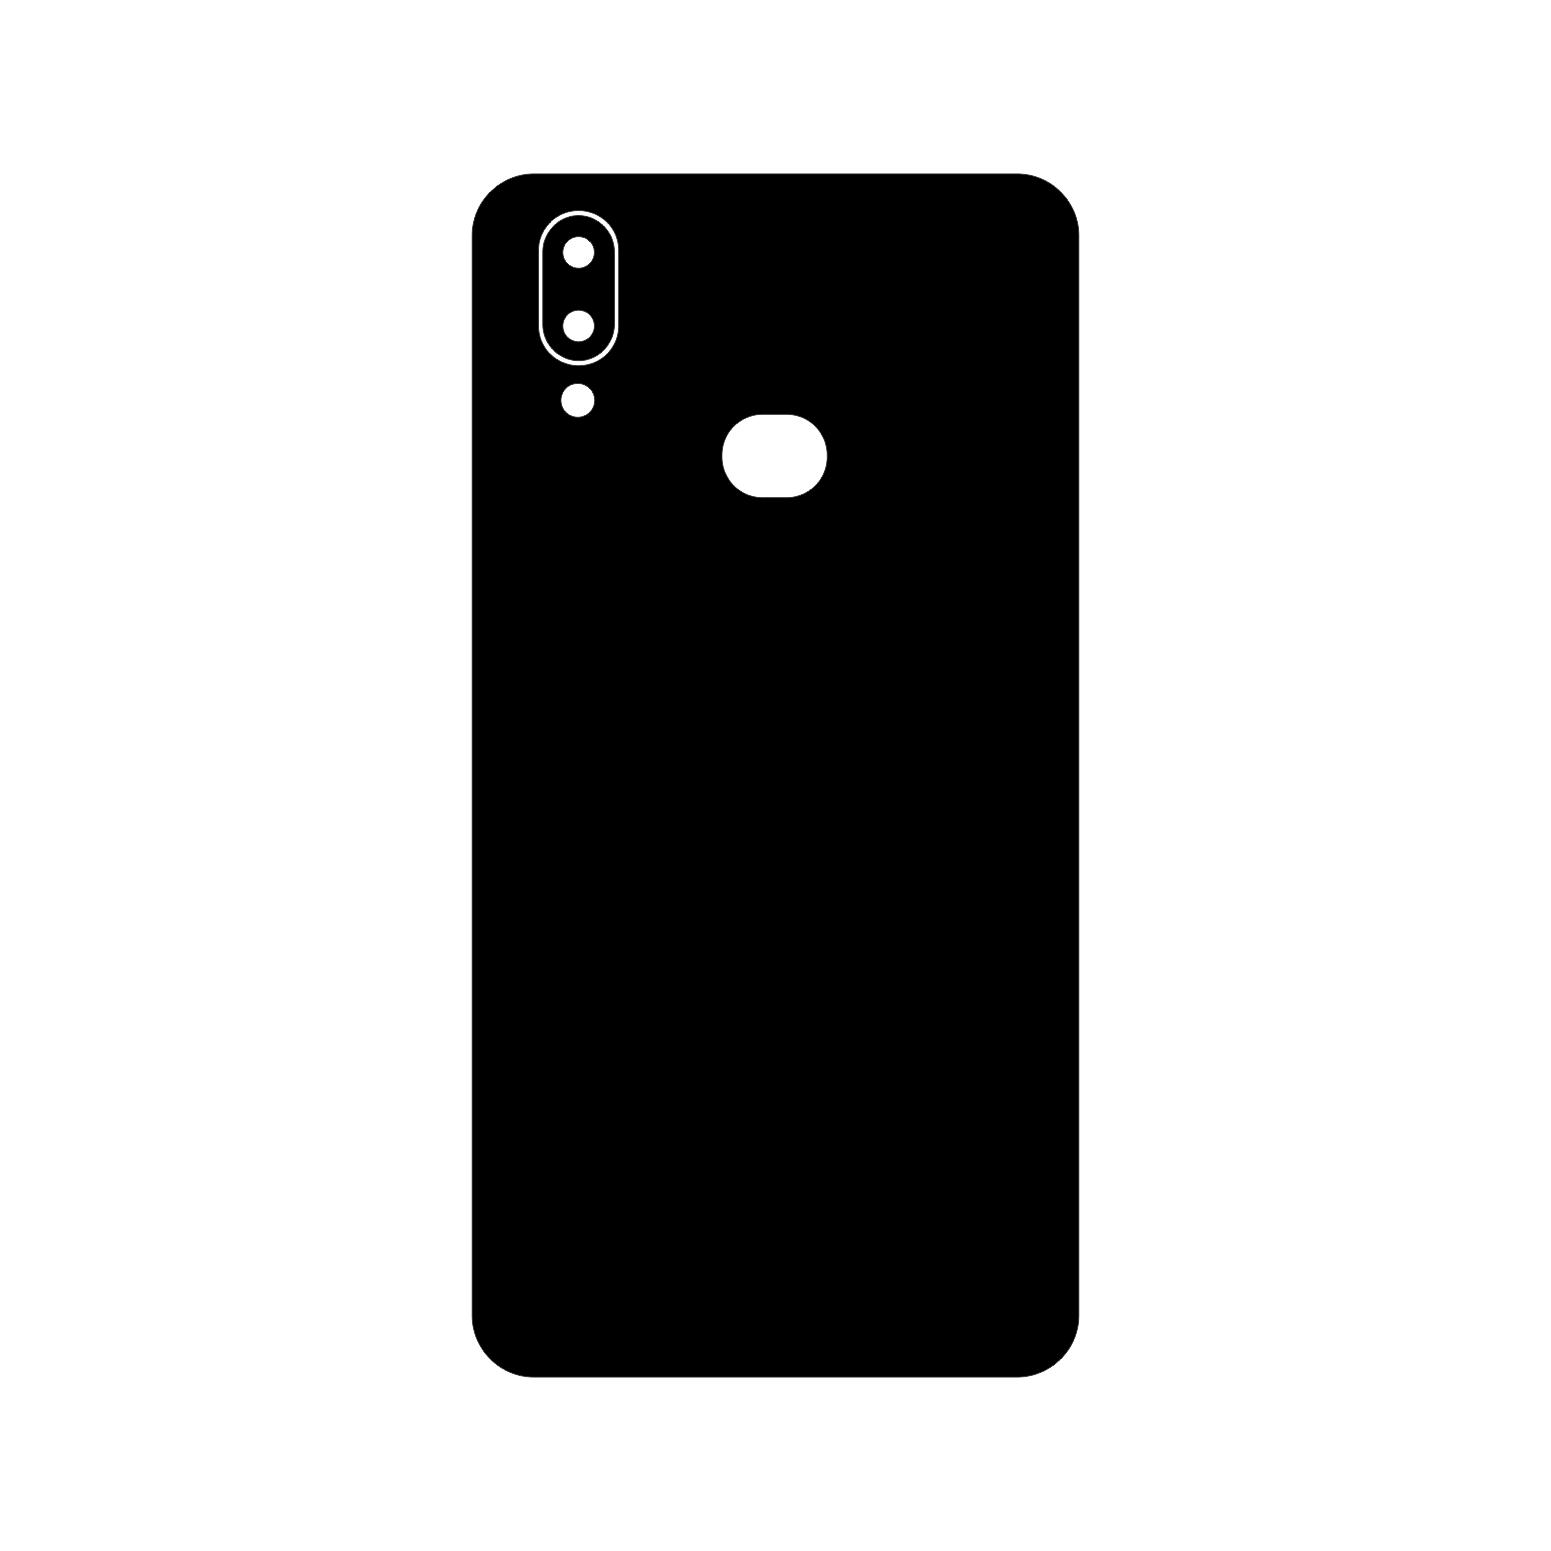 برچسب پوششی مدل 1004 مناسب برای گوشی موبایل سامسونگ Galaxy A10s